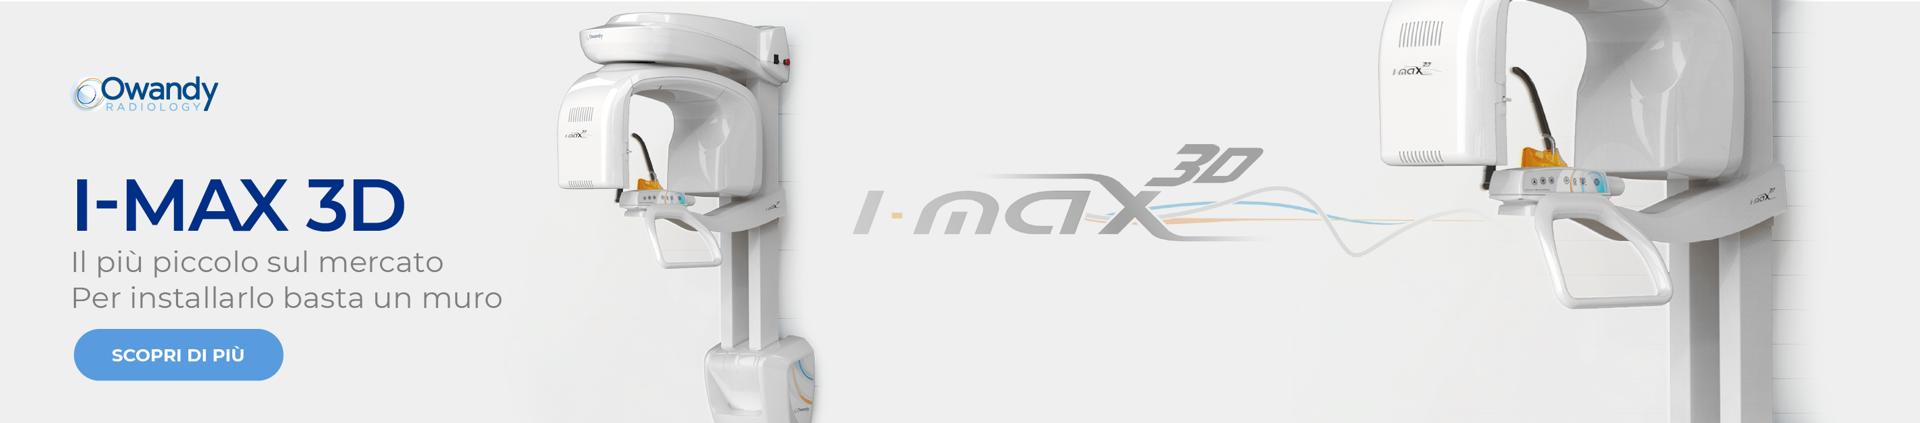 I-Max 3D Owandy